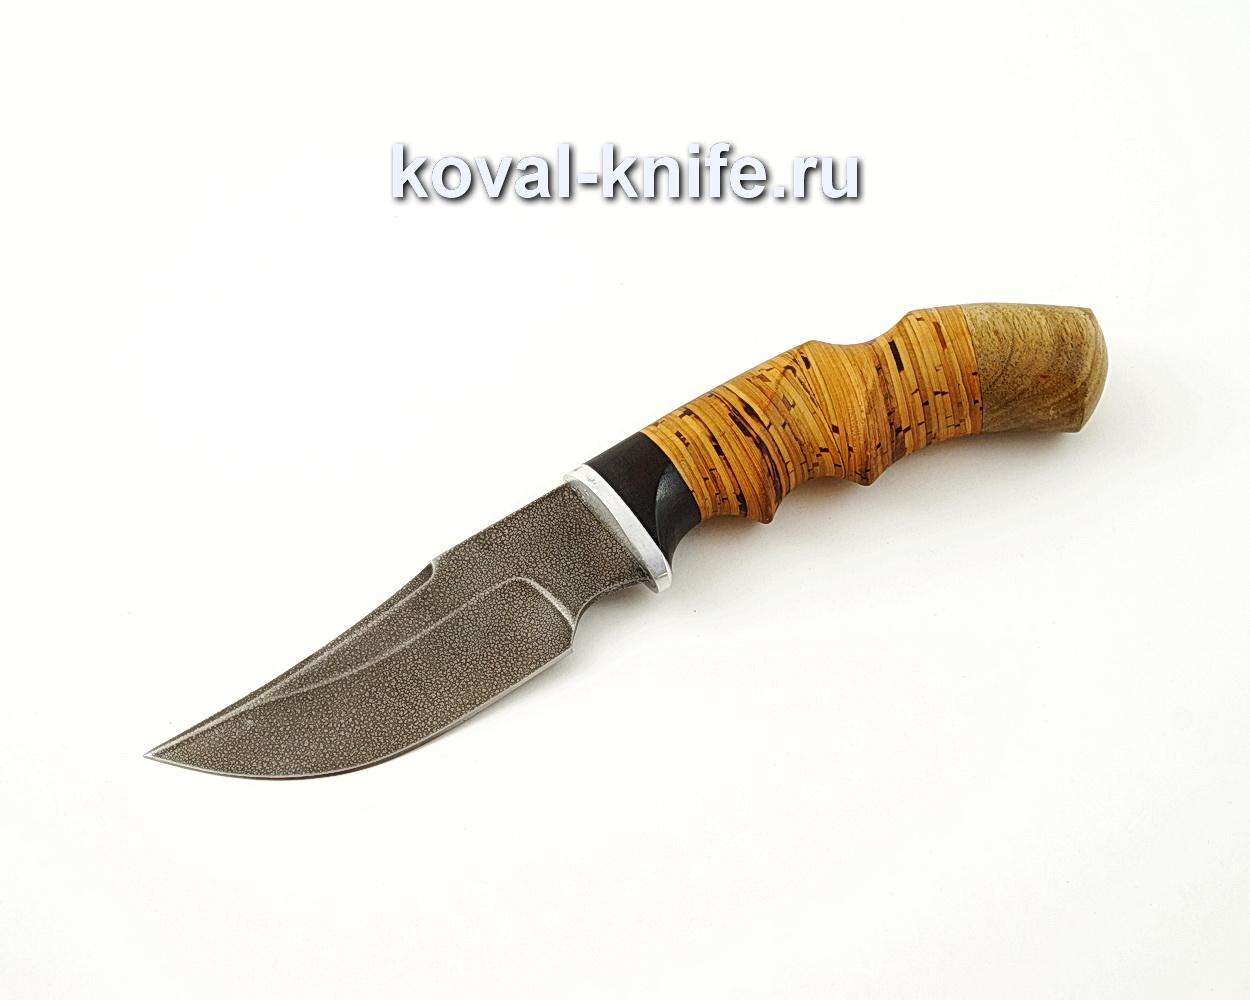 Нож Бекас из алмазной стали ХВ5 с анатомической рукоятью из бересты A547